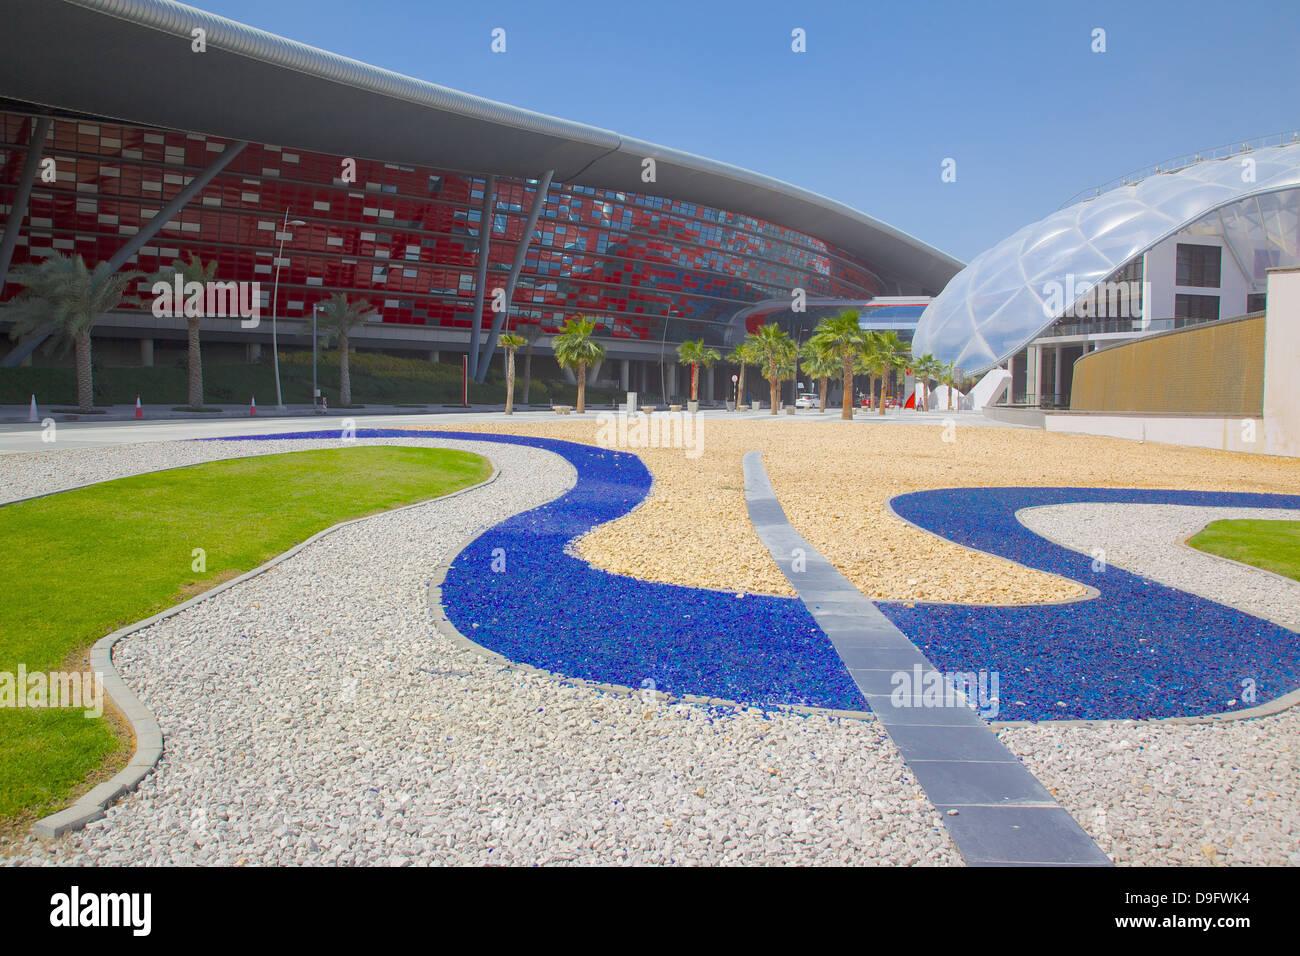 Ferrari World, Yas Island, Abu Dhabi, United Arab Emirates, Middle East - Stock Image